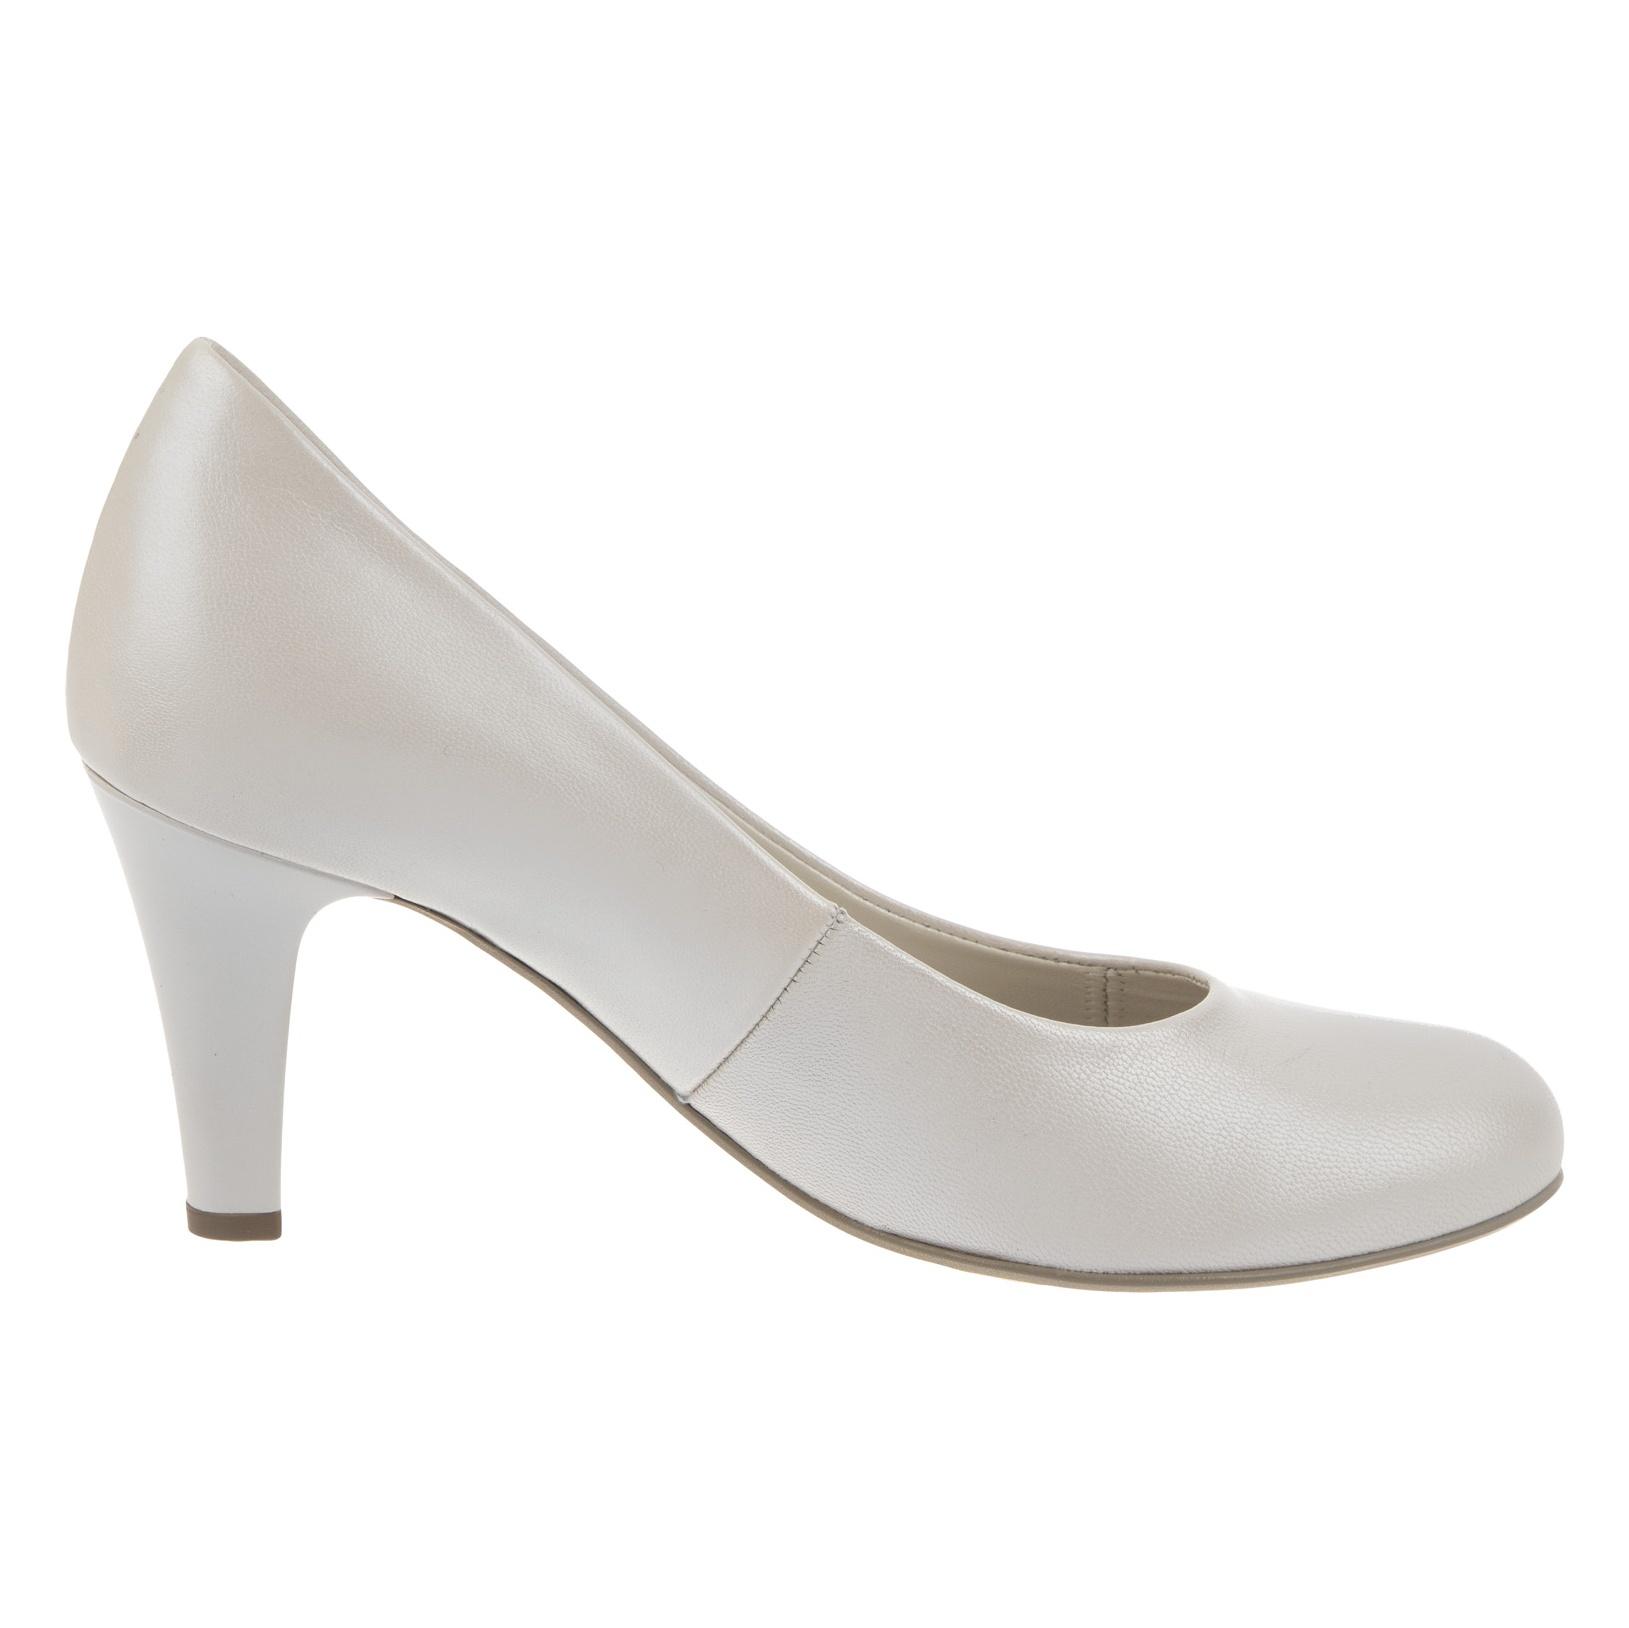 کفش زنانه گابور مدل 05.210.60